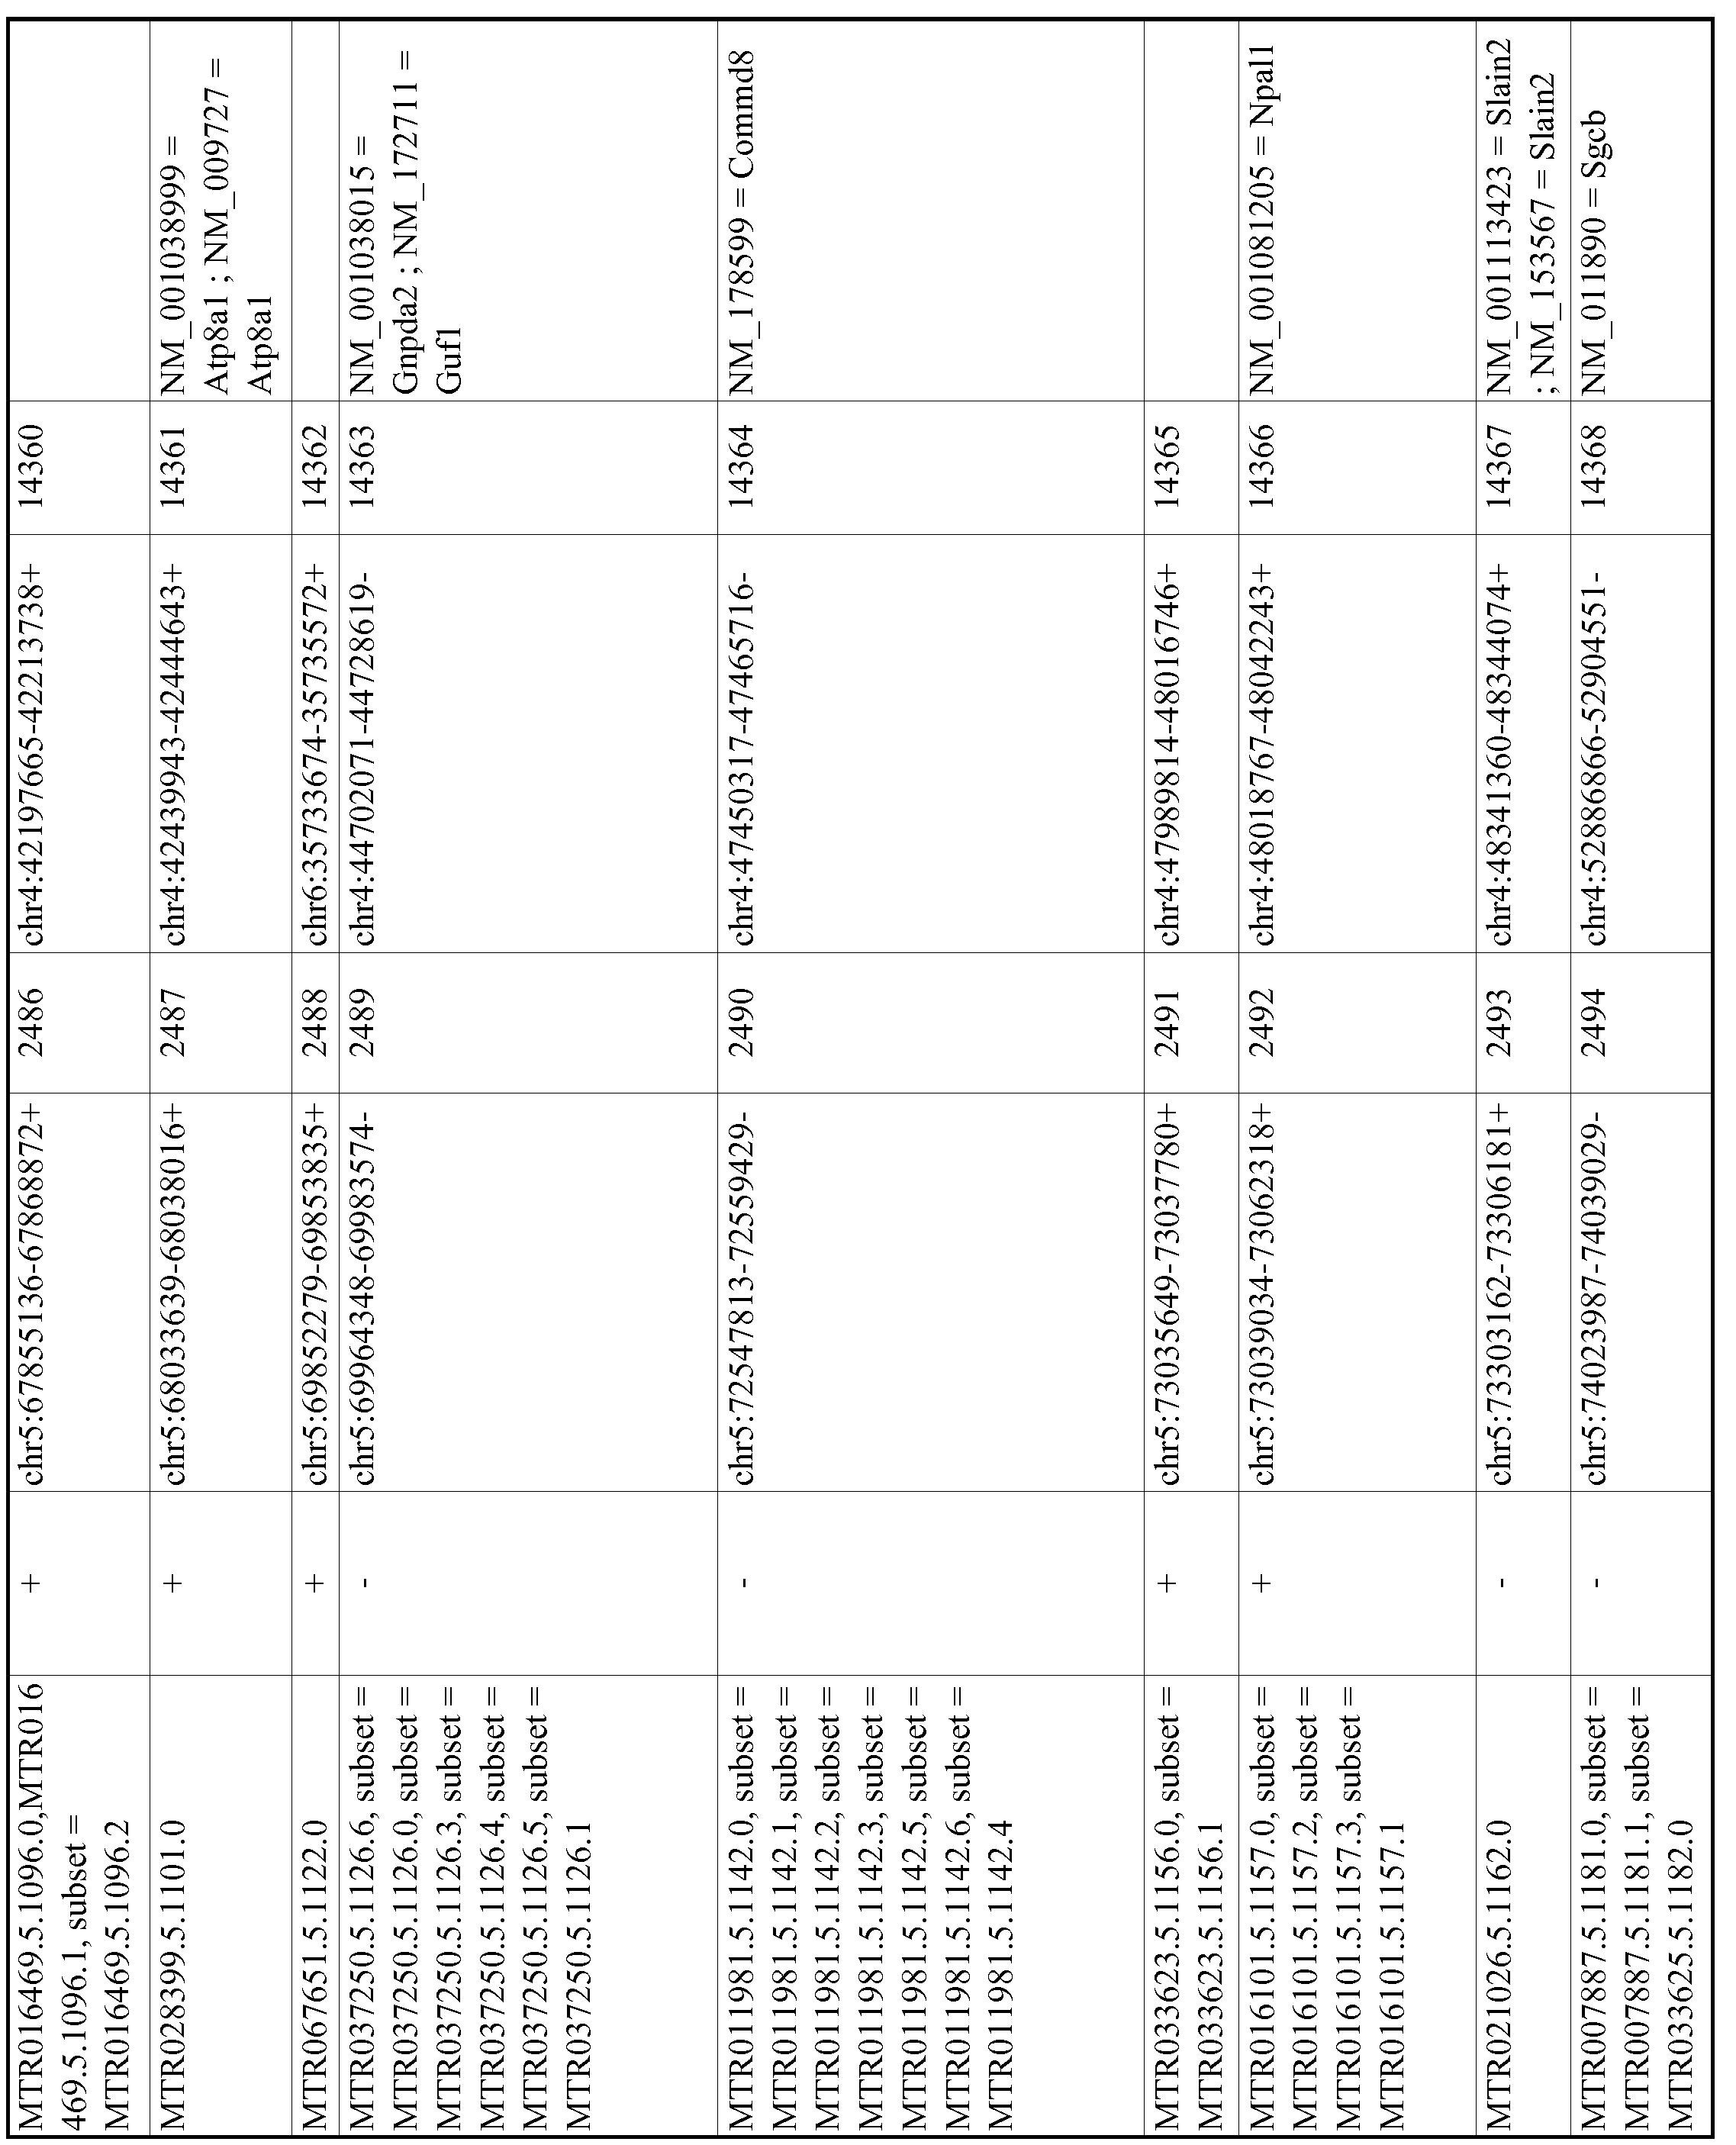 Figure imgf000531_0001